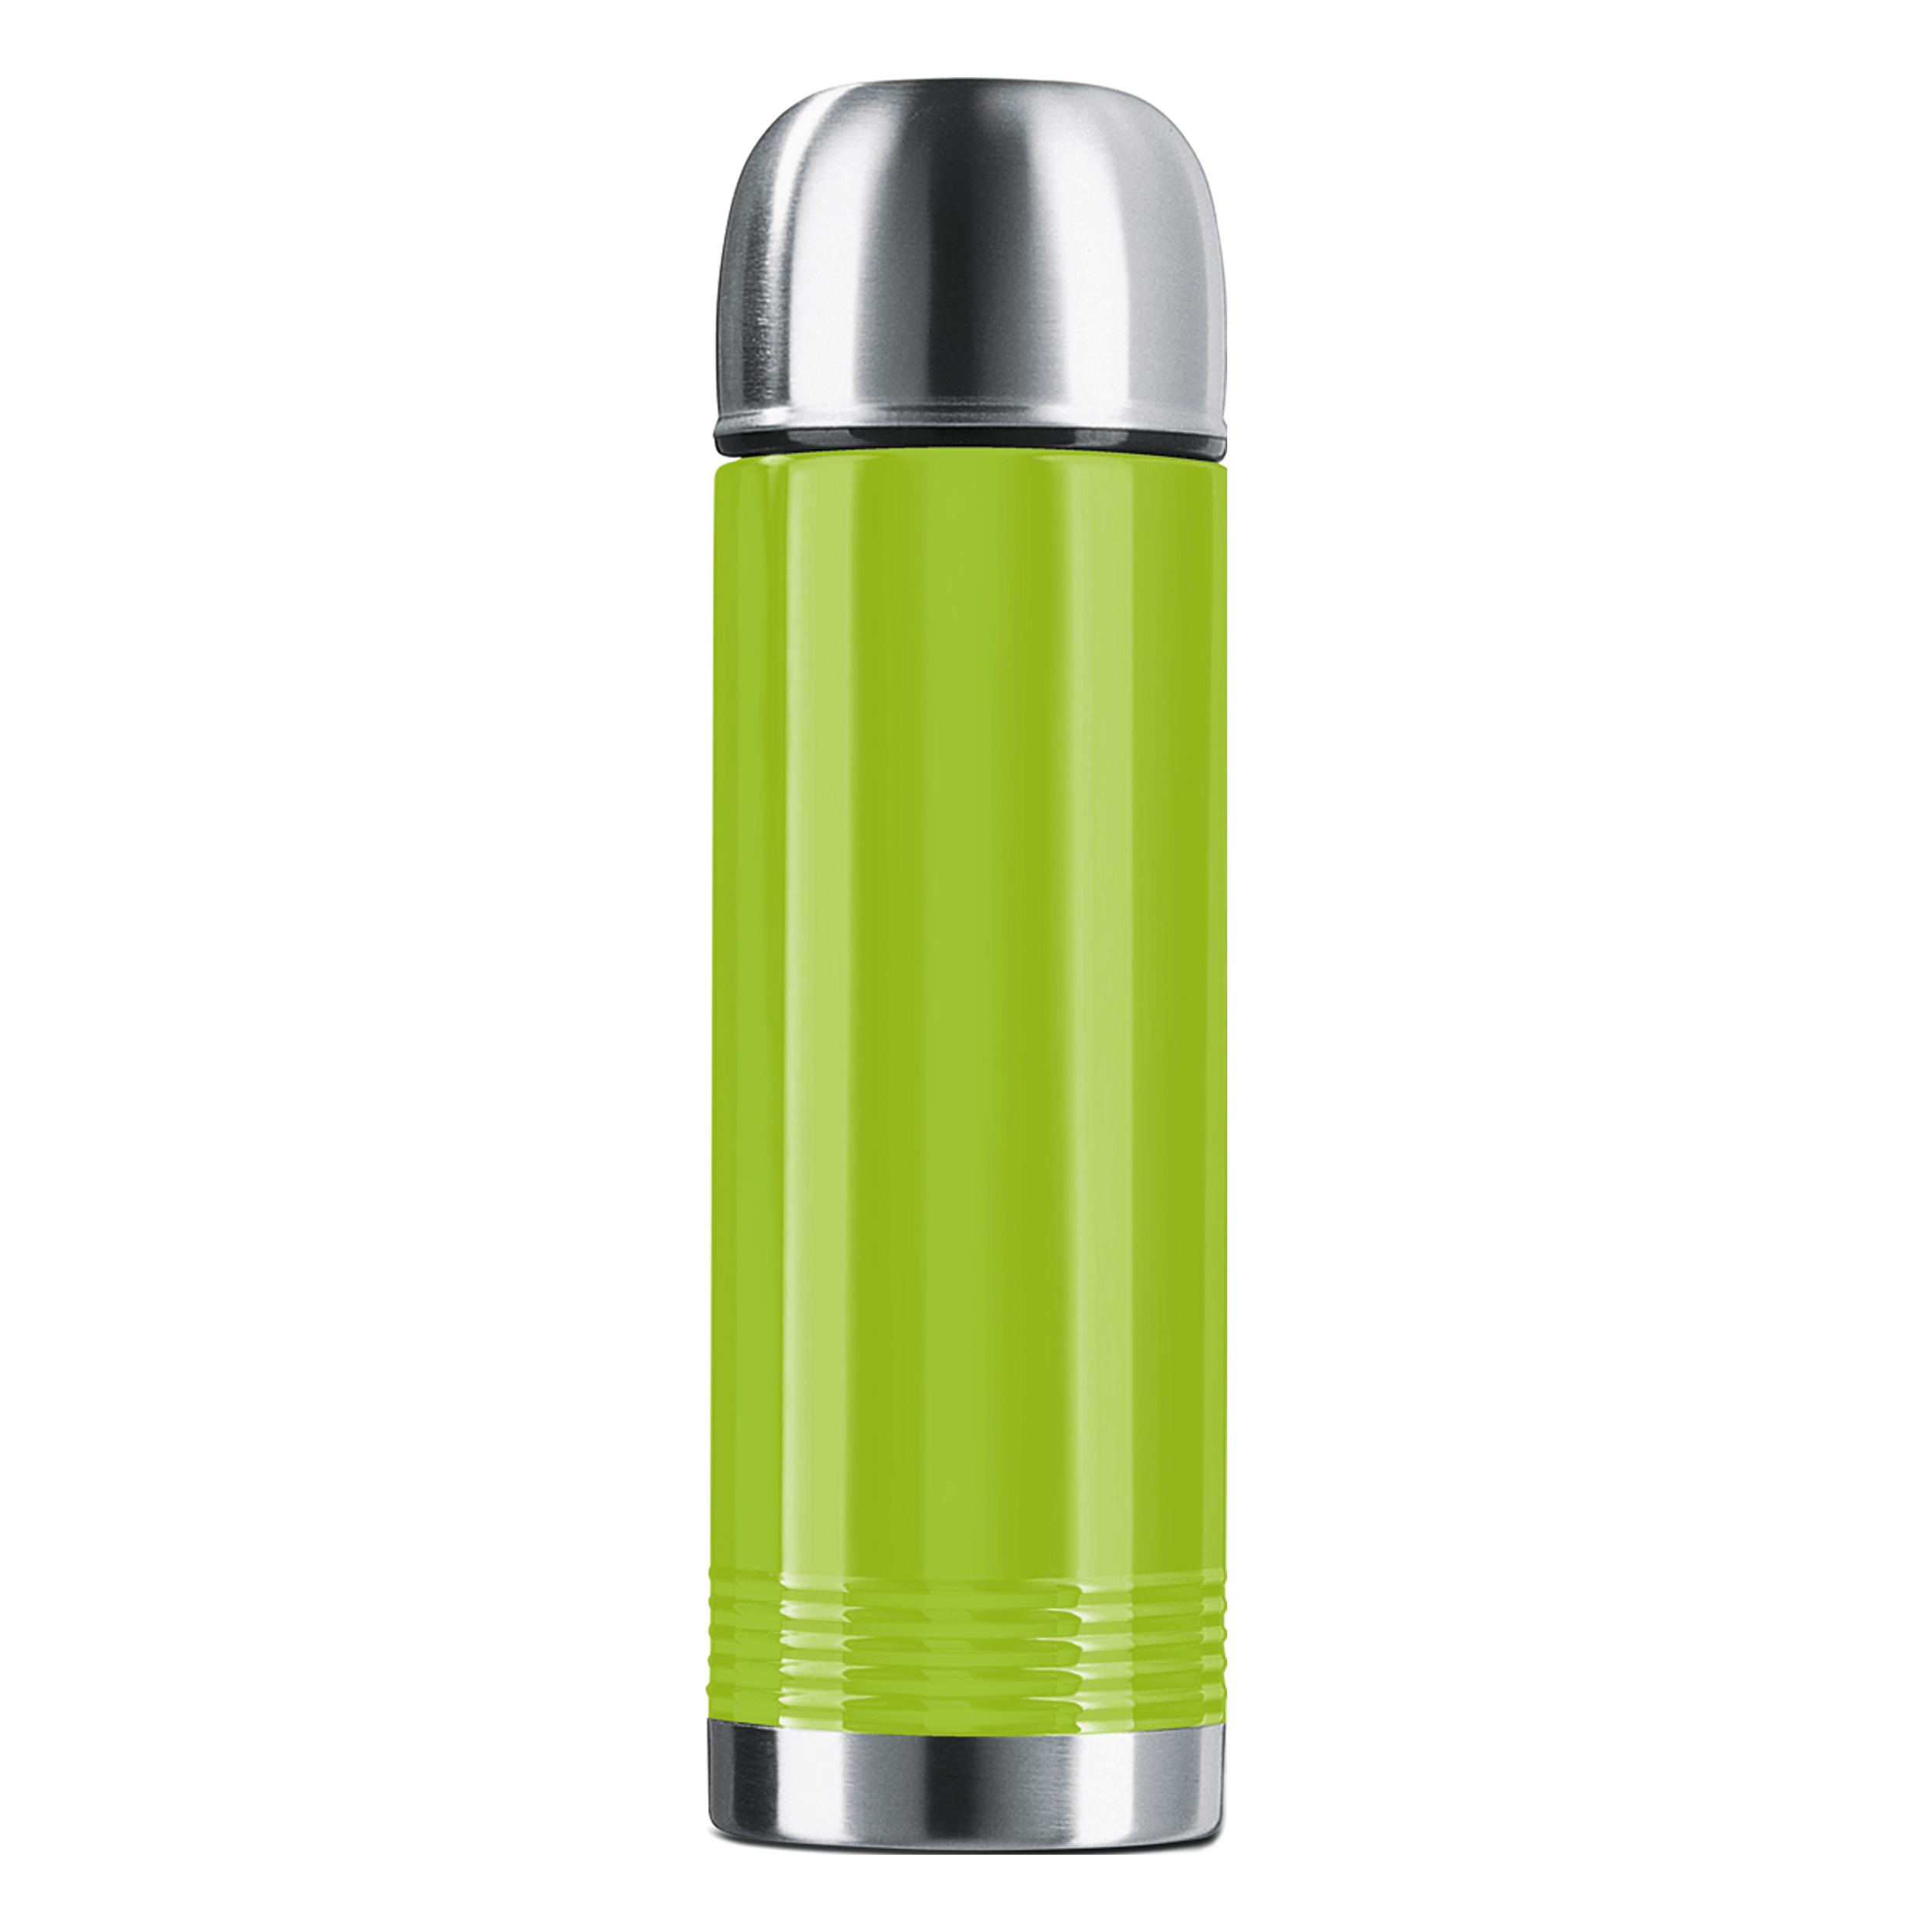 Термос 0,7 л. SENATORТермос изготовлен из высококачественной нержавеющей стали. Он отлично держит температуру вашего напитка в течение длительного времени. Вы сможете взять свой напиток с собой в дорогу и пить его где бы вы не находились. Термос герметичен и на 100% экологически безопасен.<br>